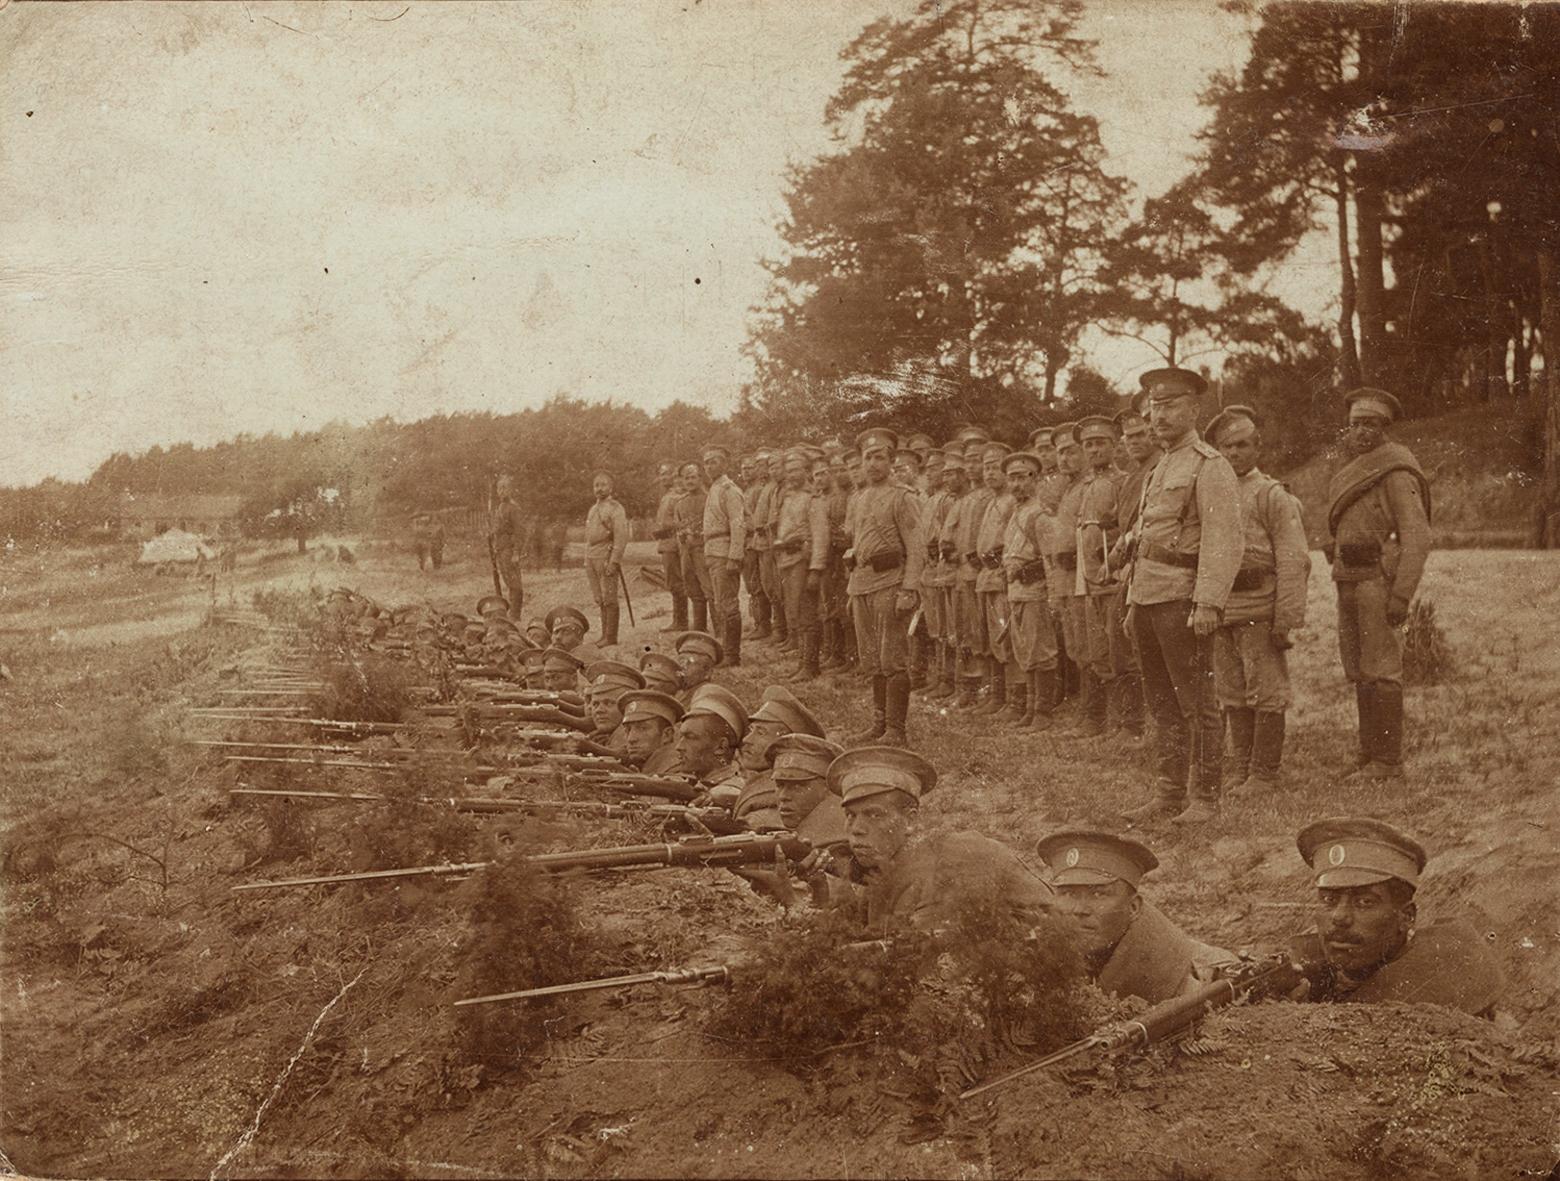 4. december 1914. Fanget bag fjendens linjer: Hårene rejste sig på hovedet – Skoven var fuld af russere!